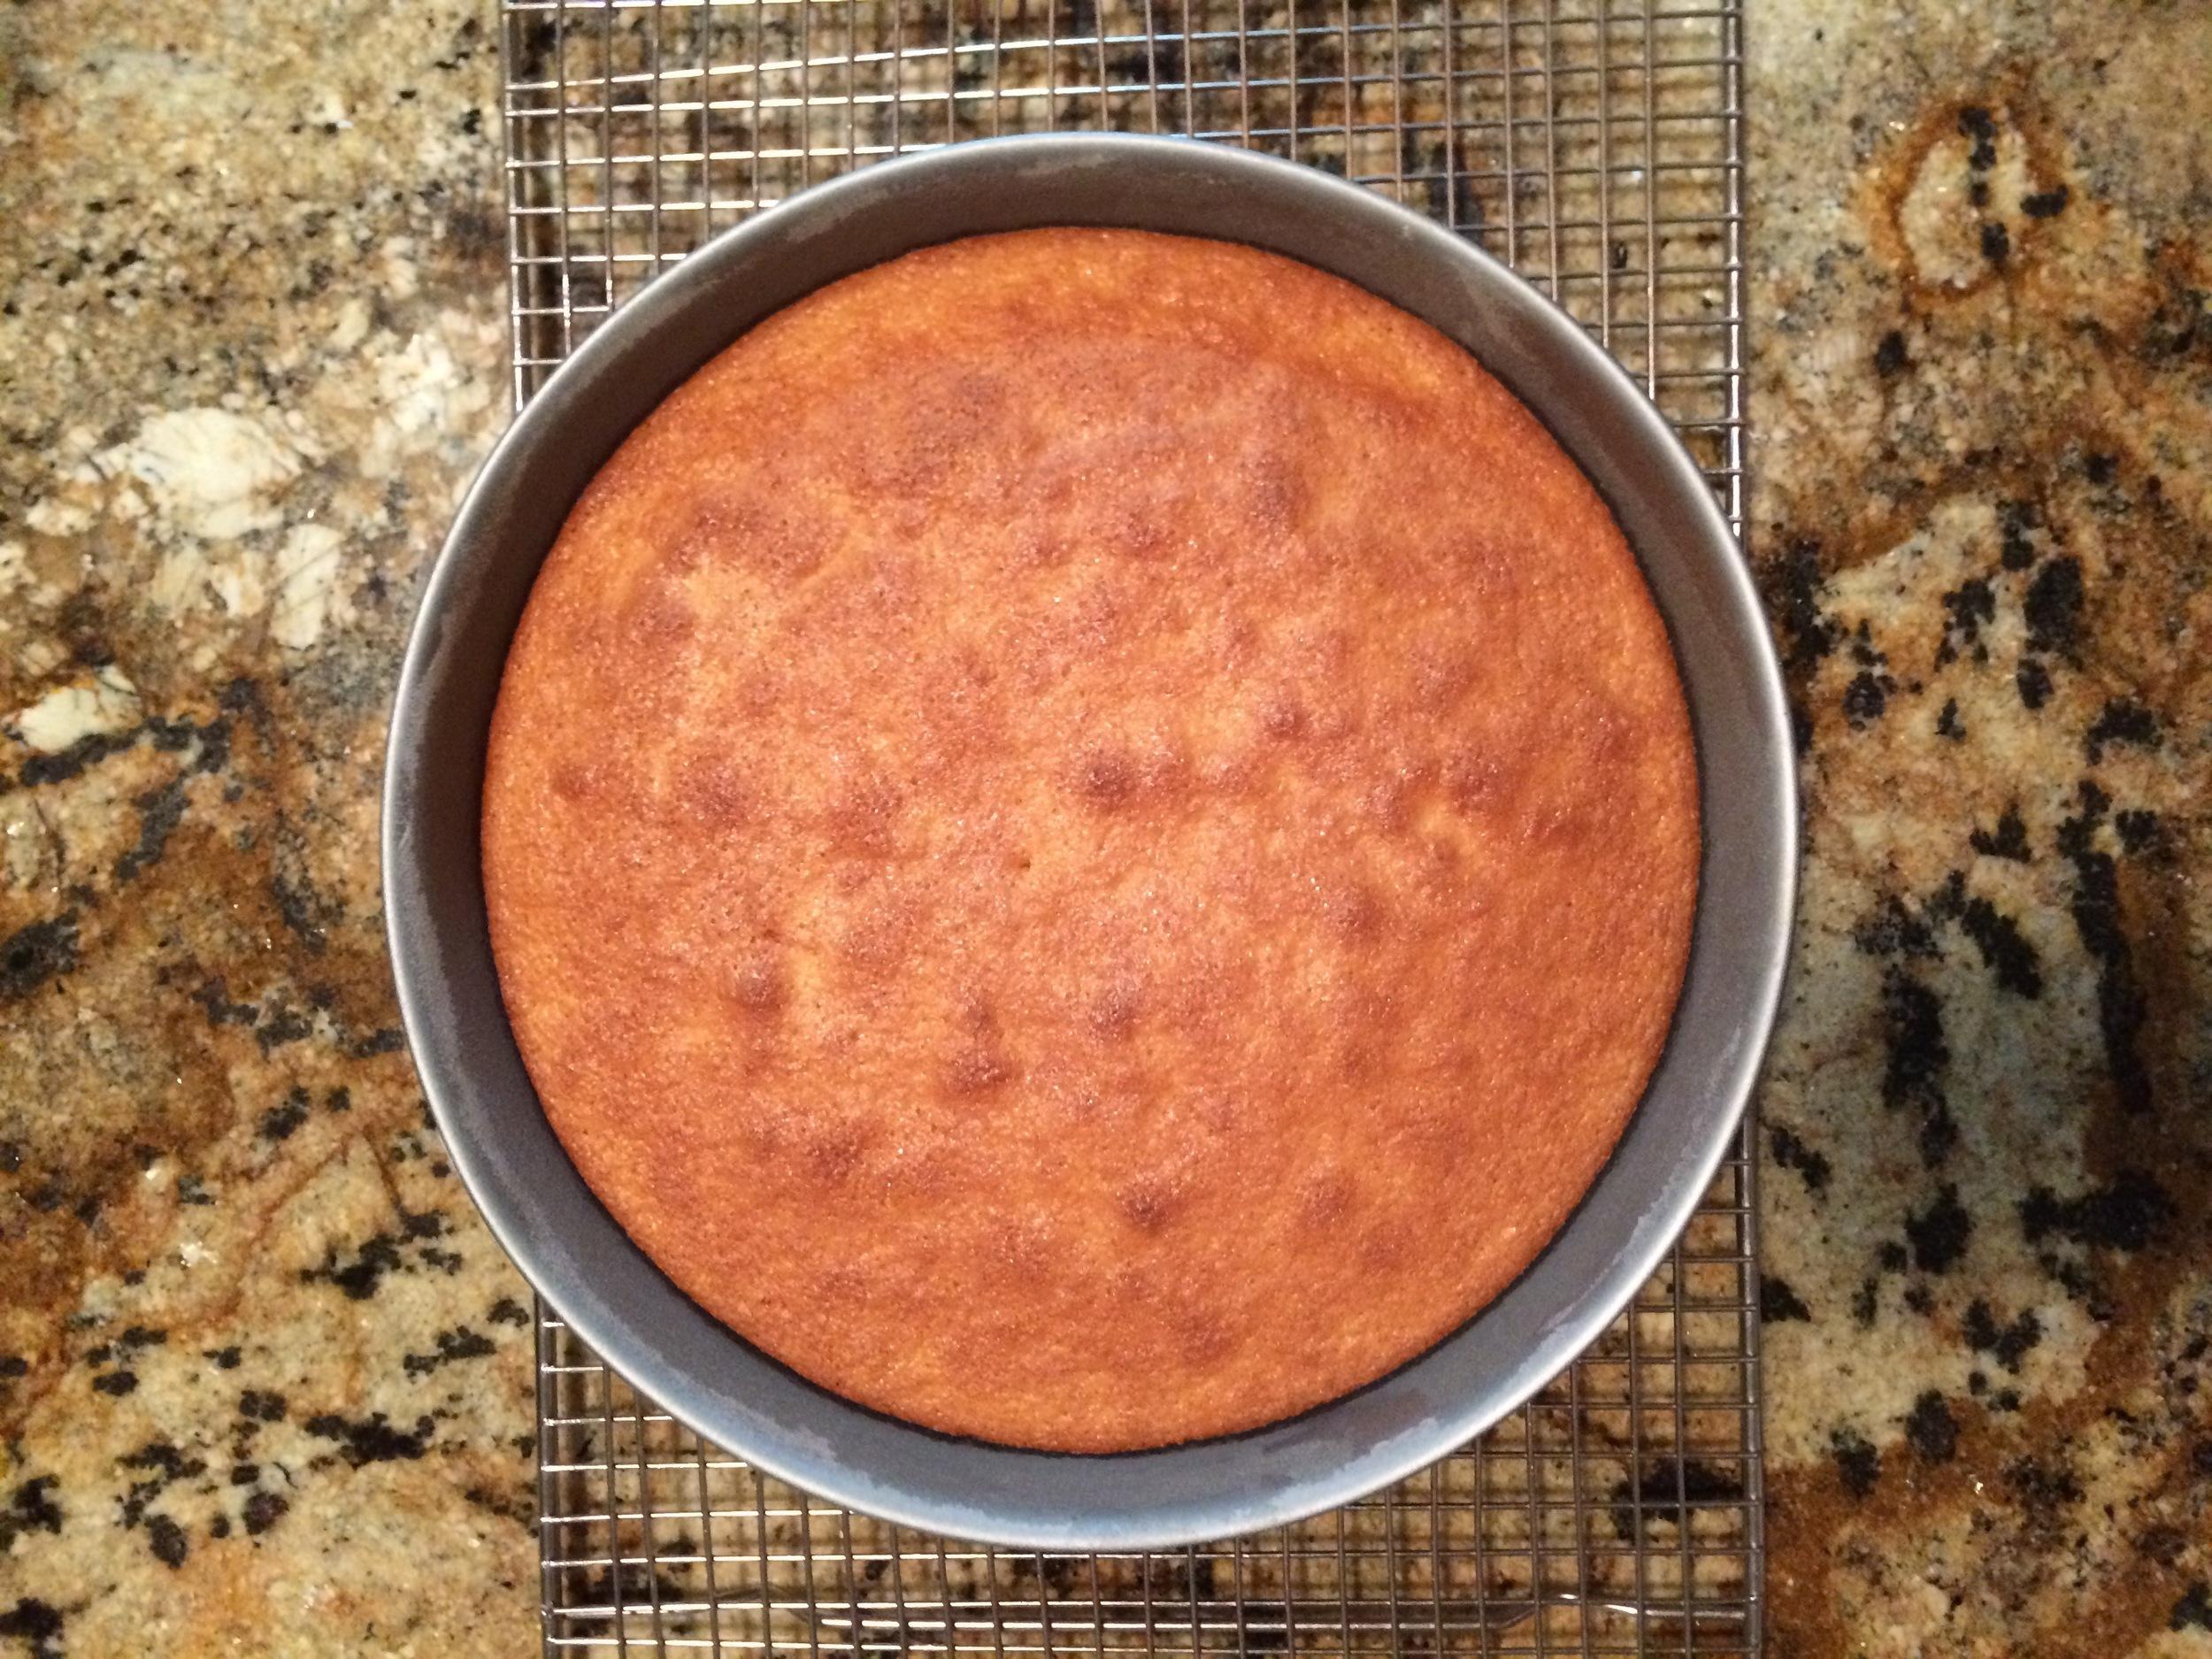 Baked spongecake